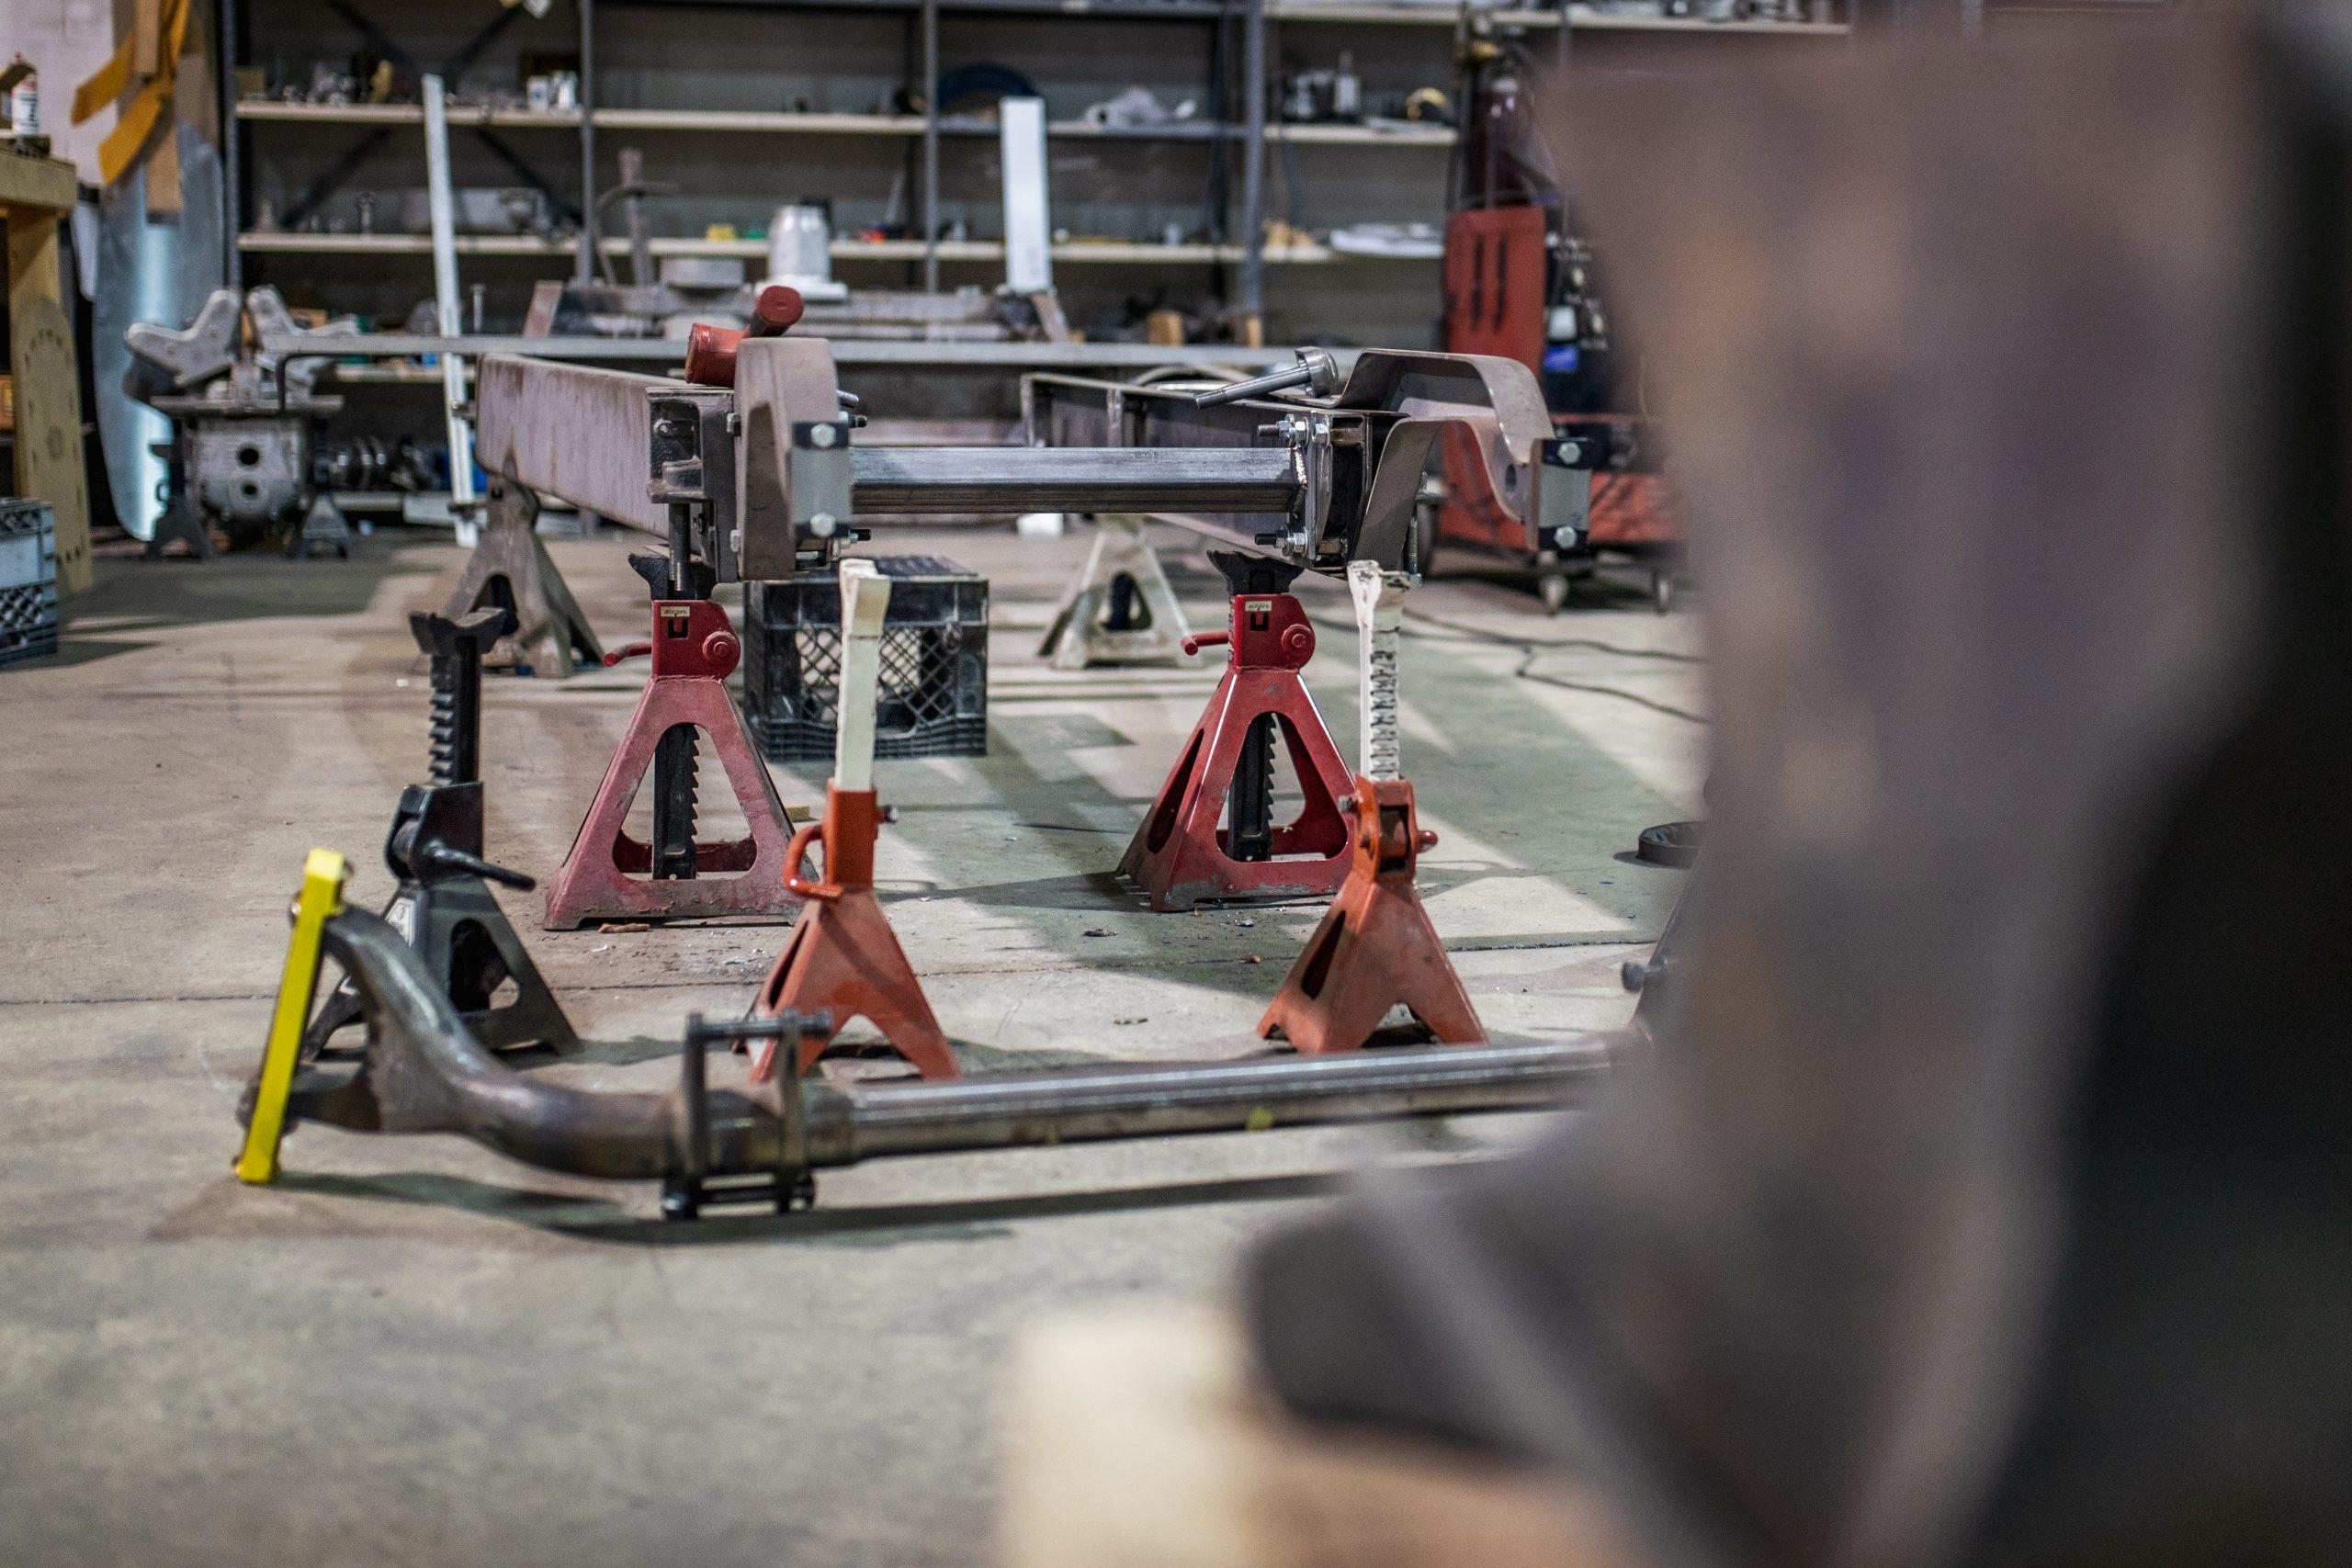 machine shop interior jack stands